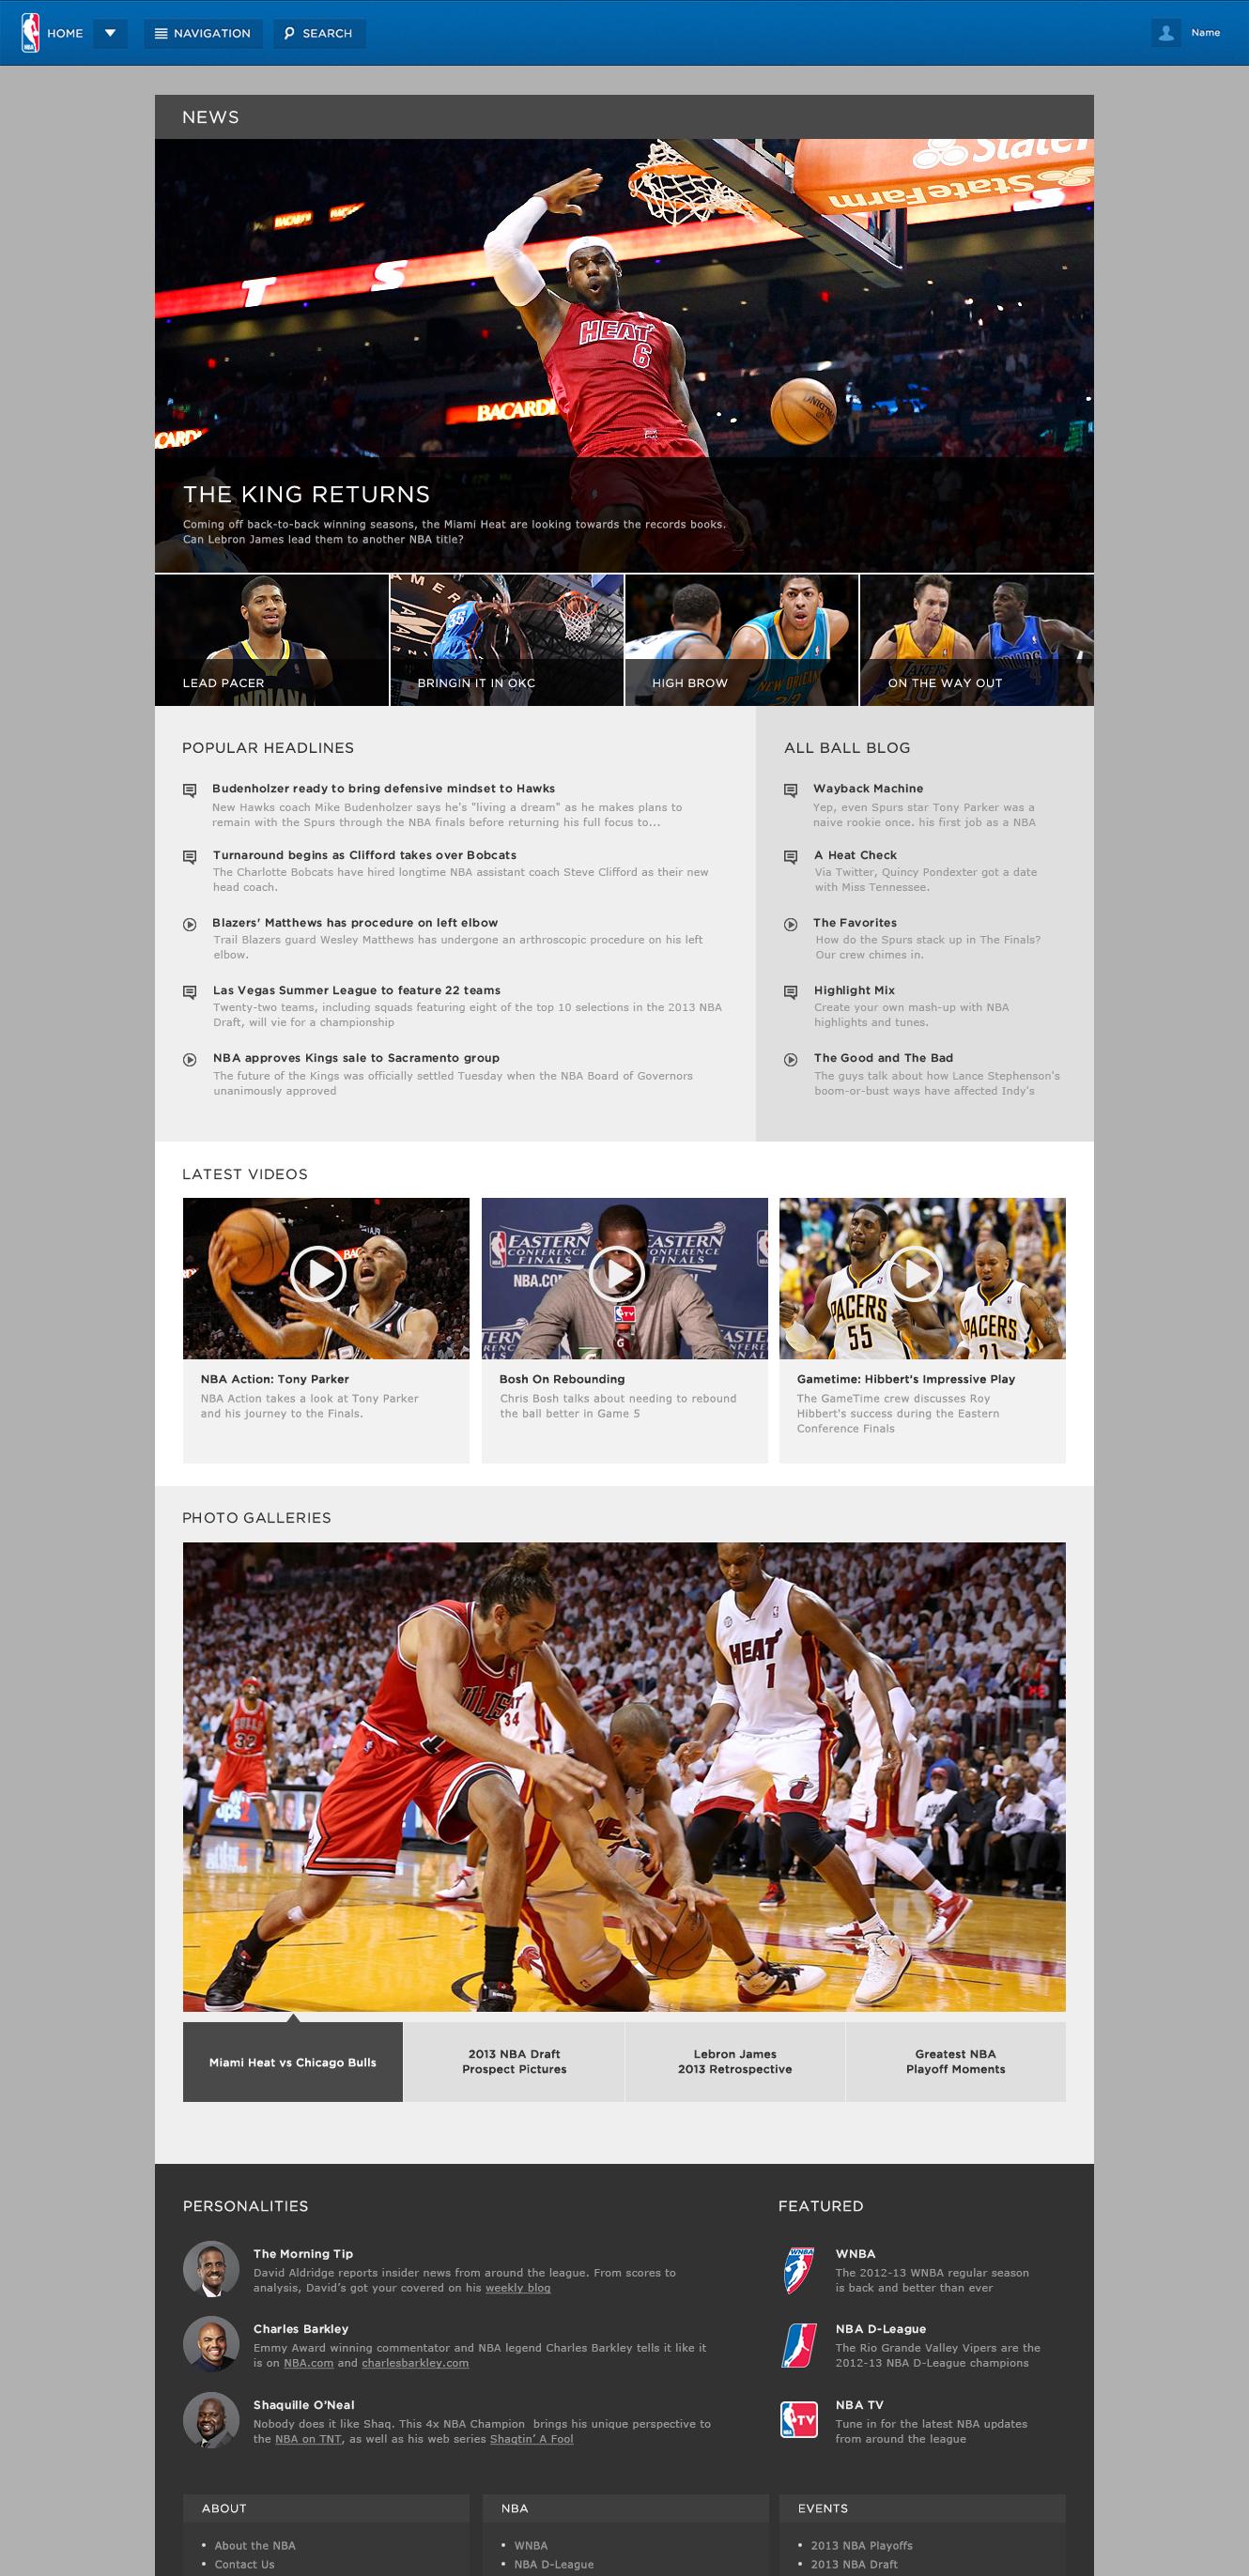 NBAcom_Redesign_NewsMain_V3.jpg